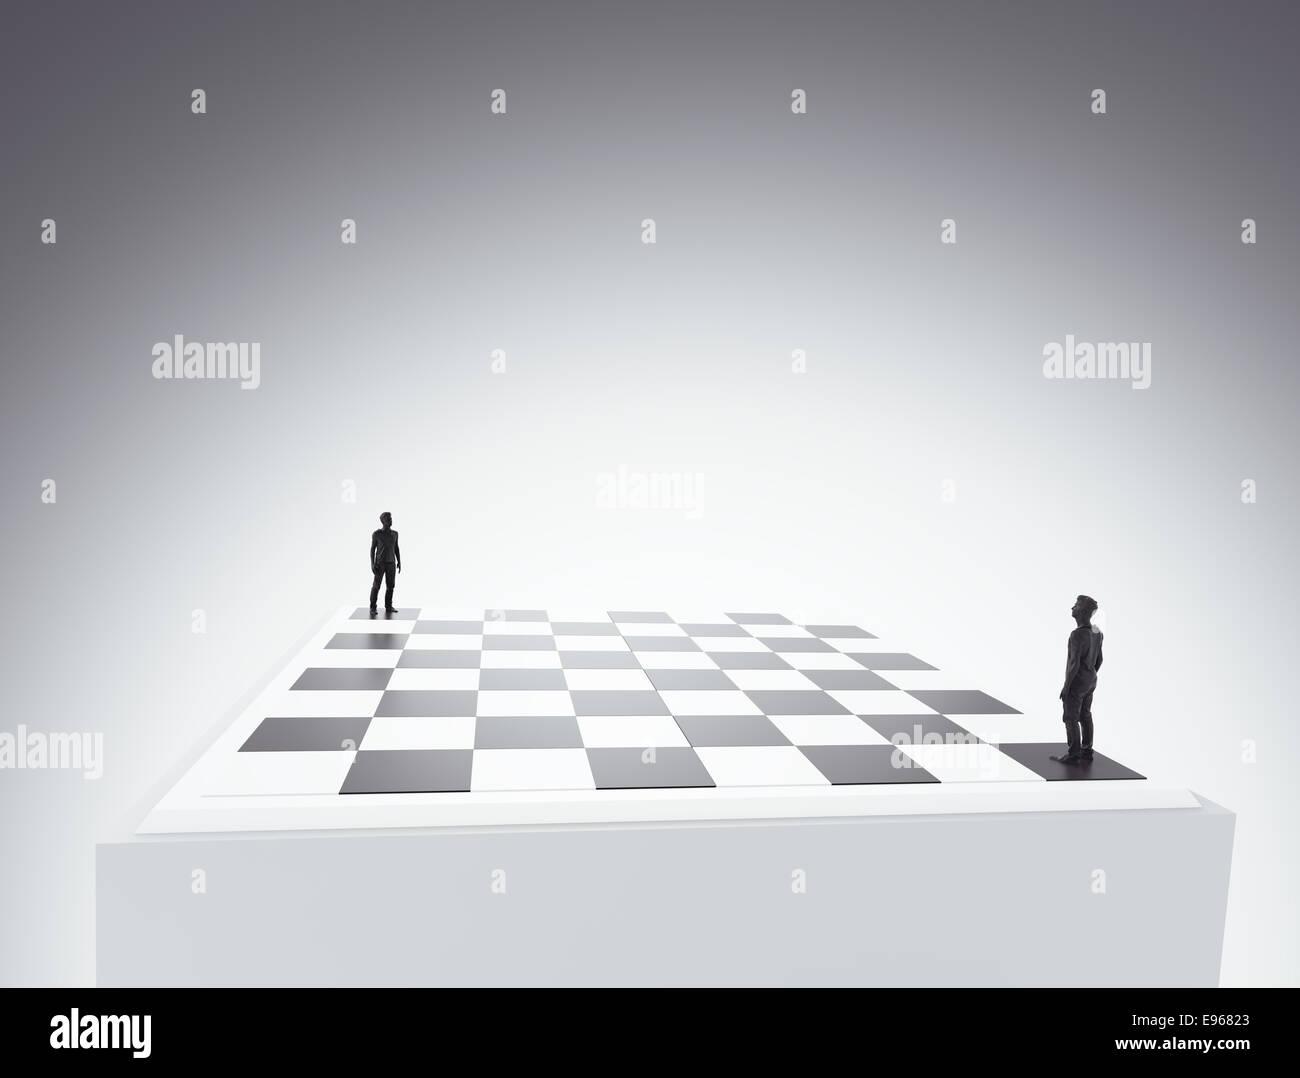 Zwei winzige Figuren stehen auf einem Schach an Bord - Konflikt und Wettbewerb-Konzept-Illustration Stockbild